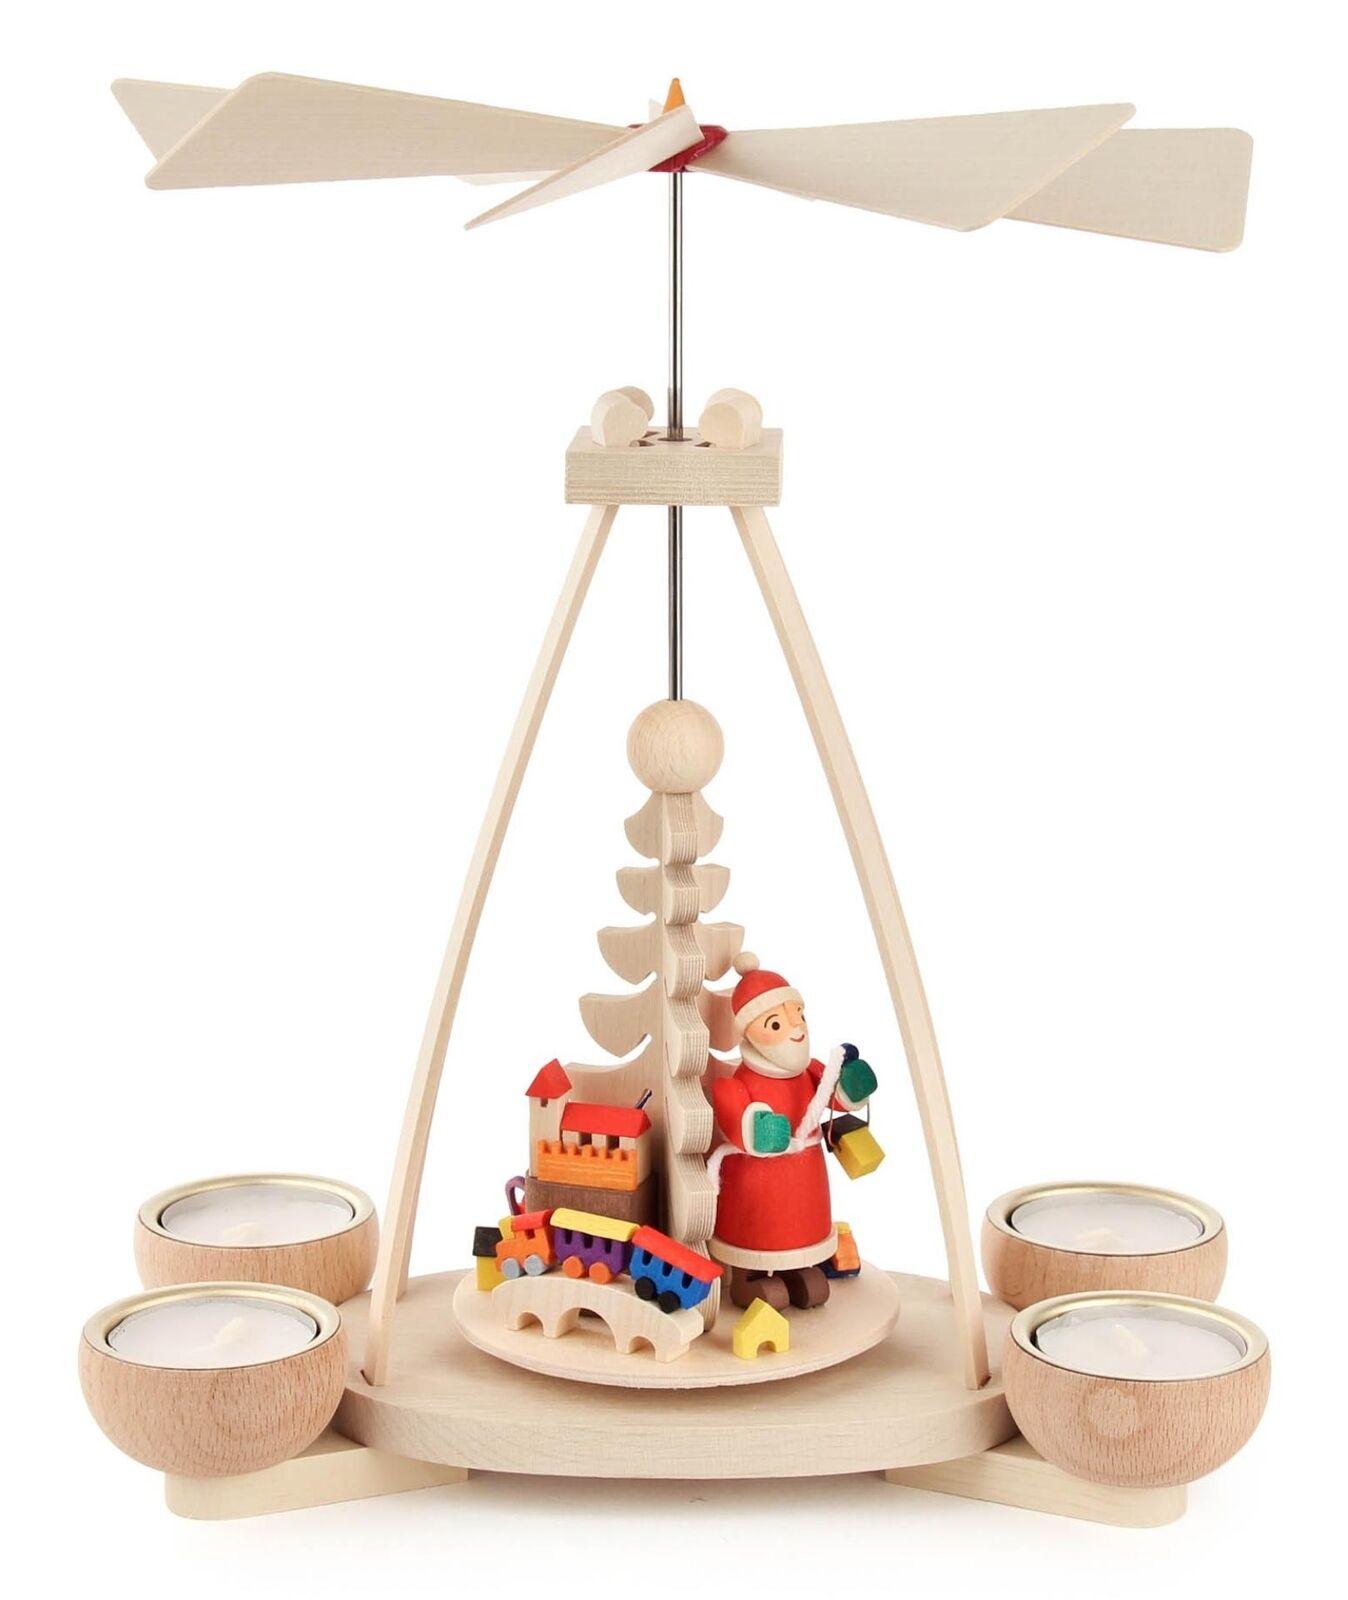 Pyramide mit Weihnachtsmann, für Teelichte  NEU Tischpyramide Tischpyramide Tischpyramide Holzpyramide eb3f13